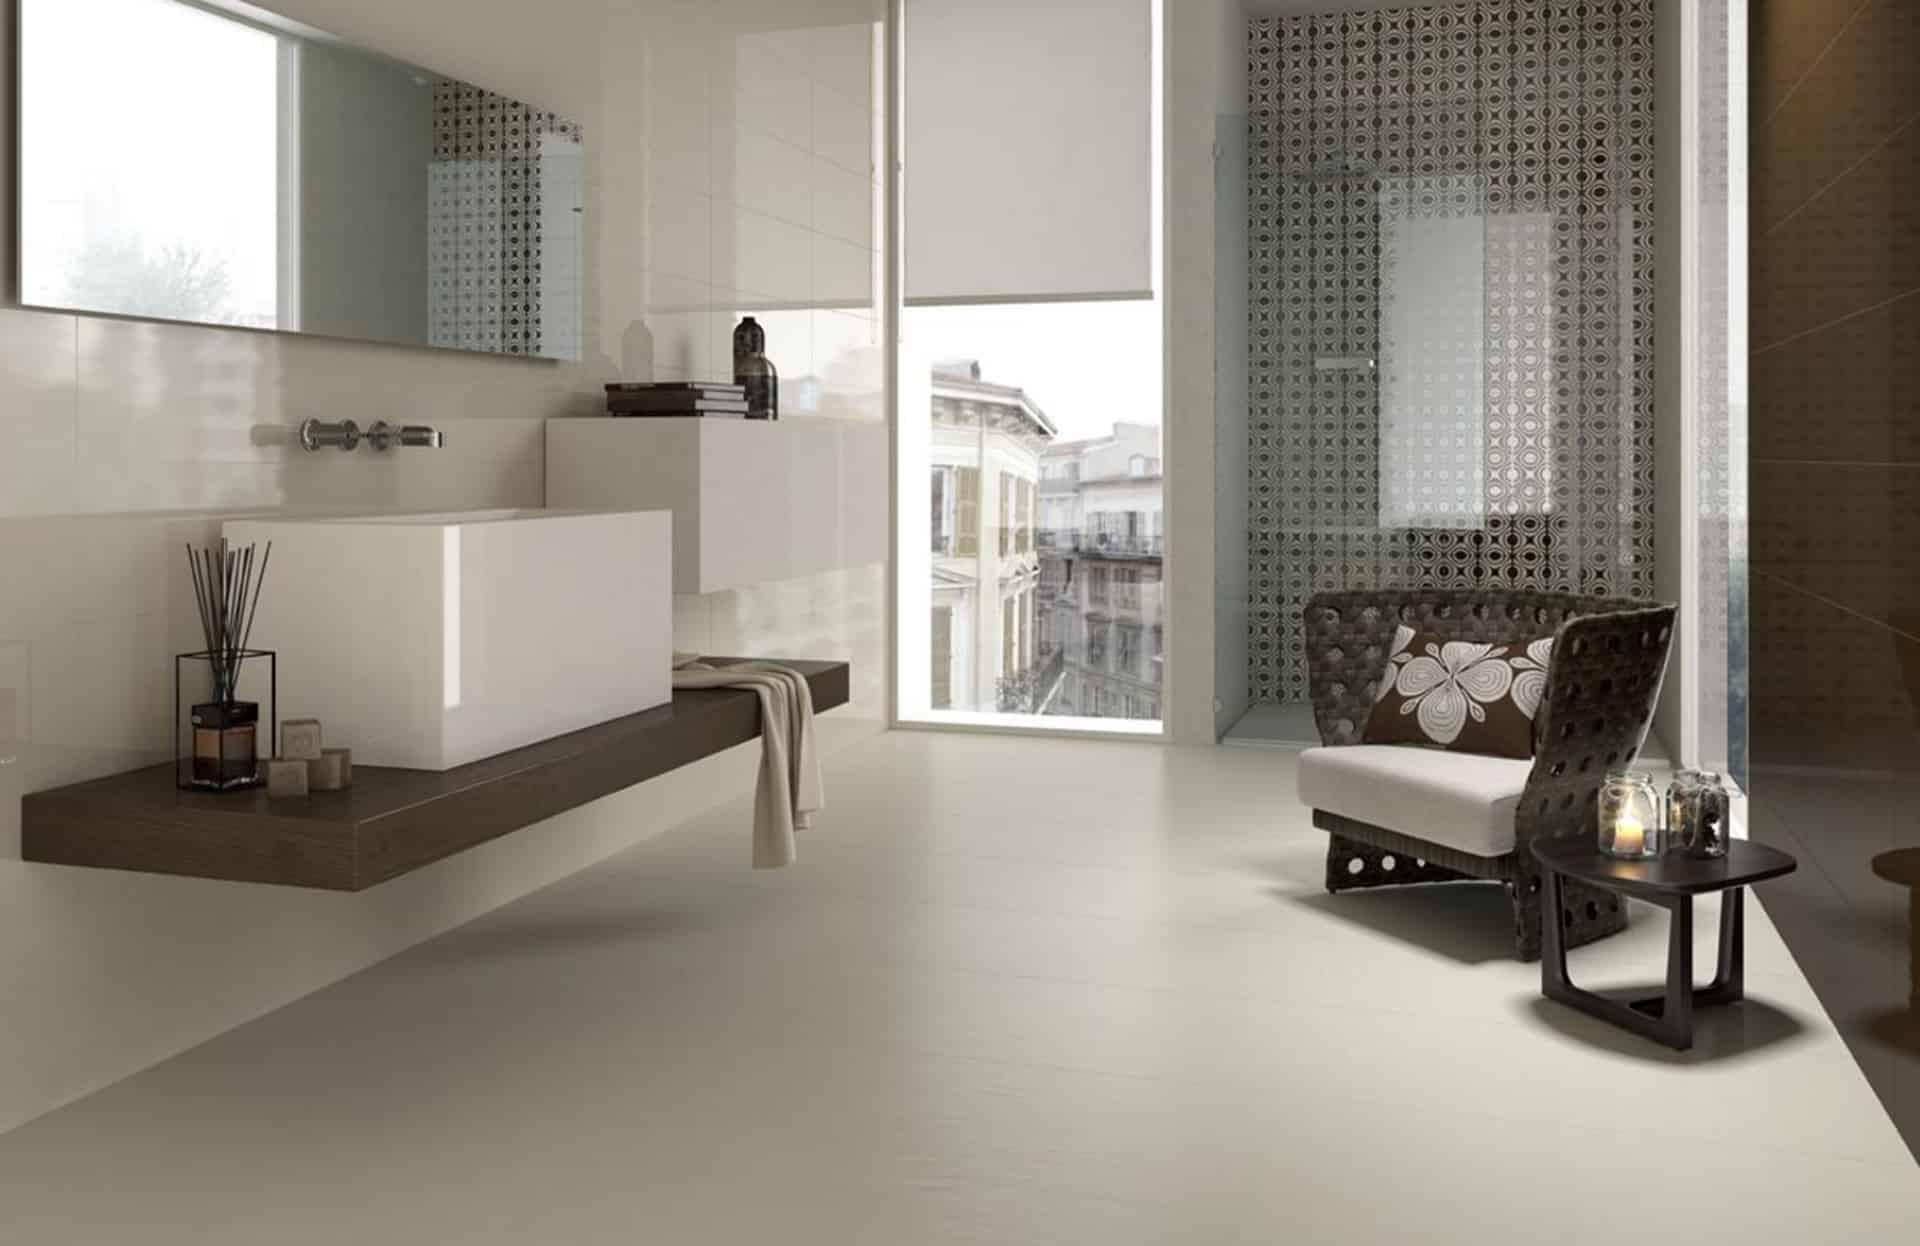 Le piastrelle bagno design di la faenza - Piastrelle pietra bagno ...